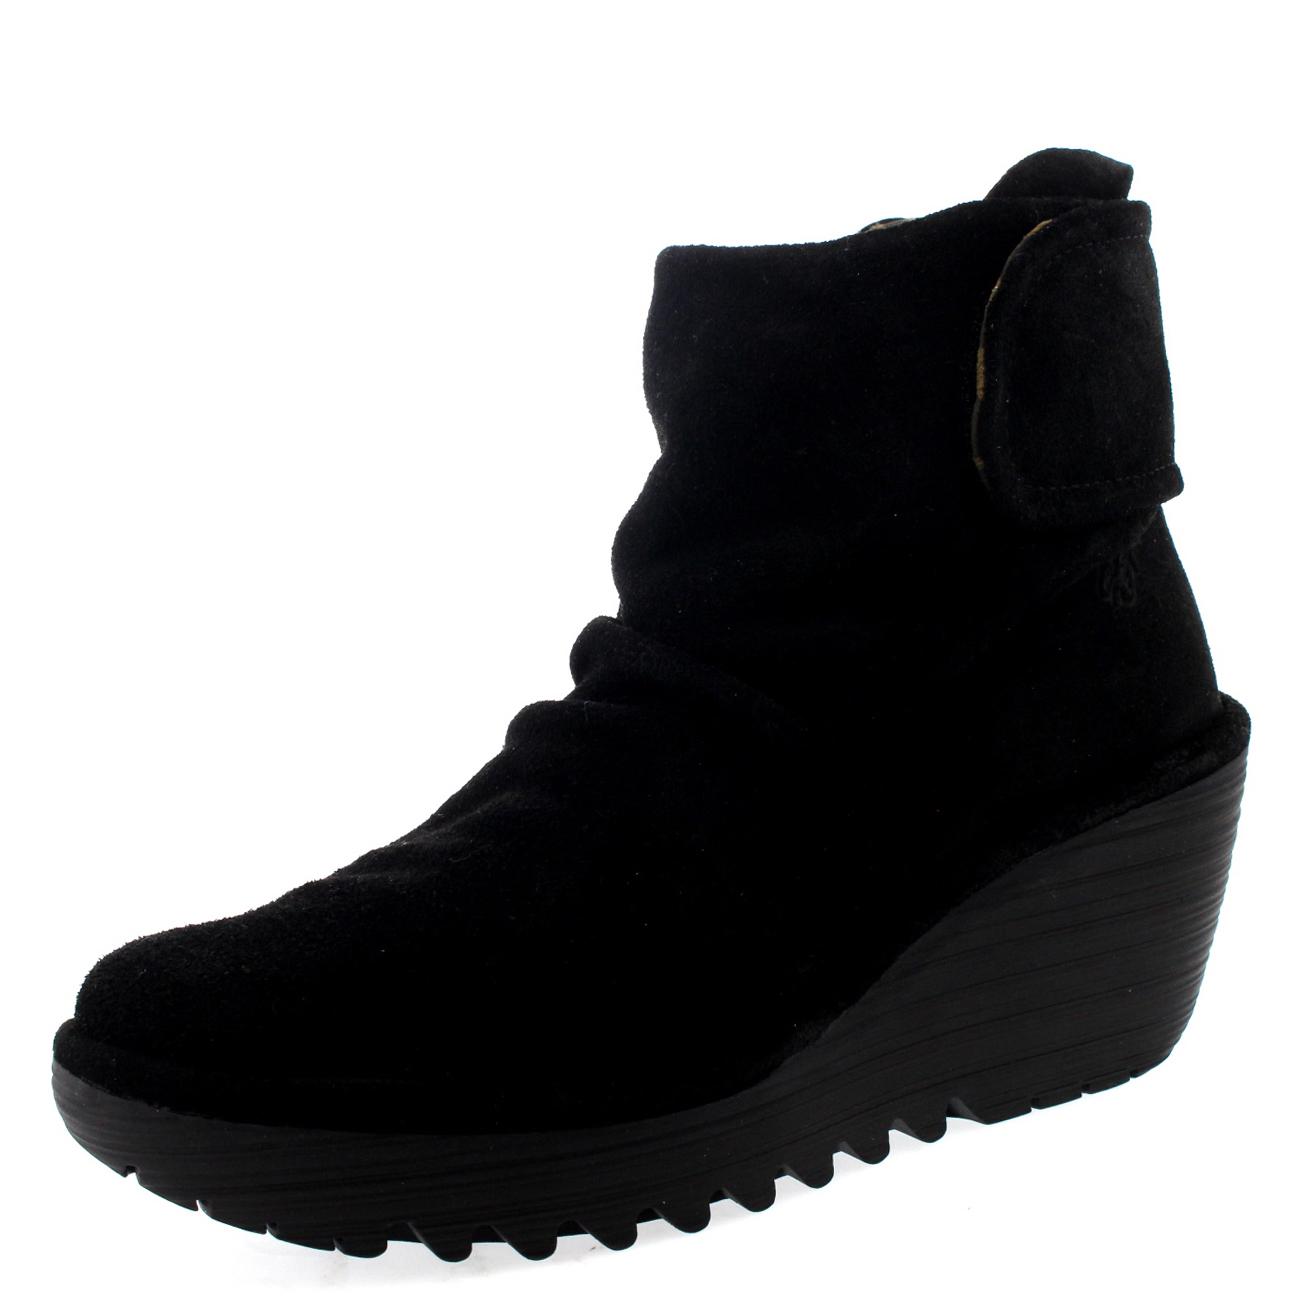 Senoras-Fly-London-yegi-Nieve-Casual-Cuna-Zapatos-De-Invierno-Botas-Taco-Bajo-Todas-Las-Tallas